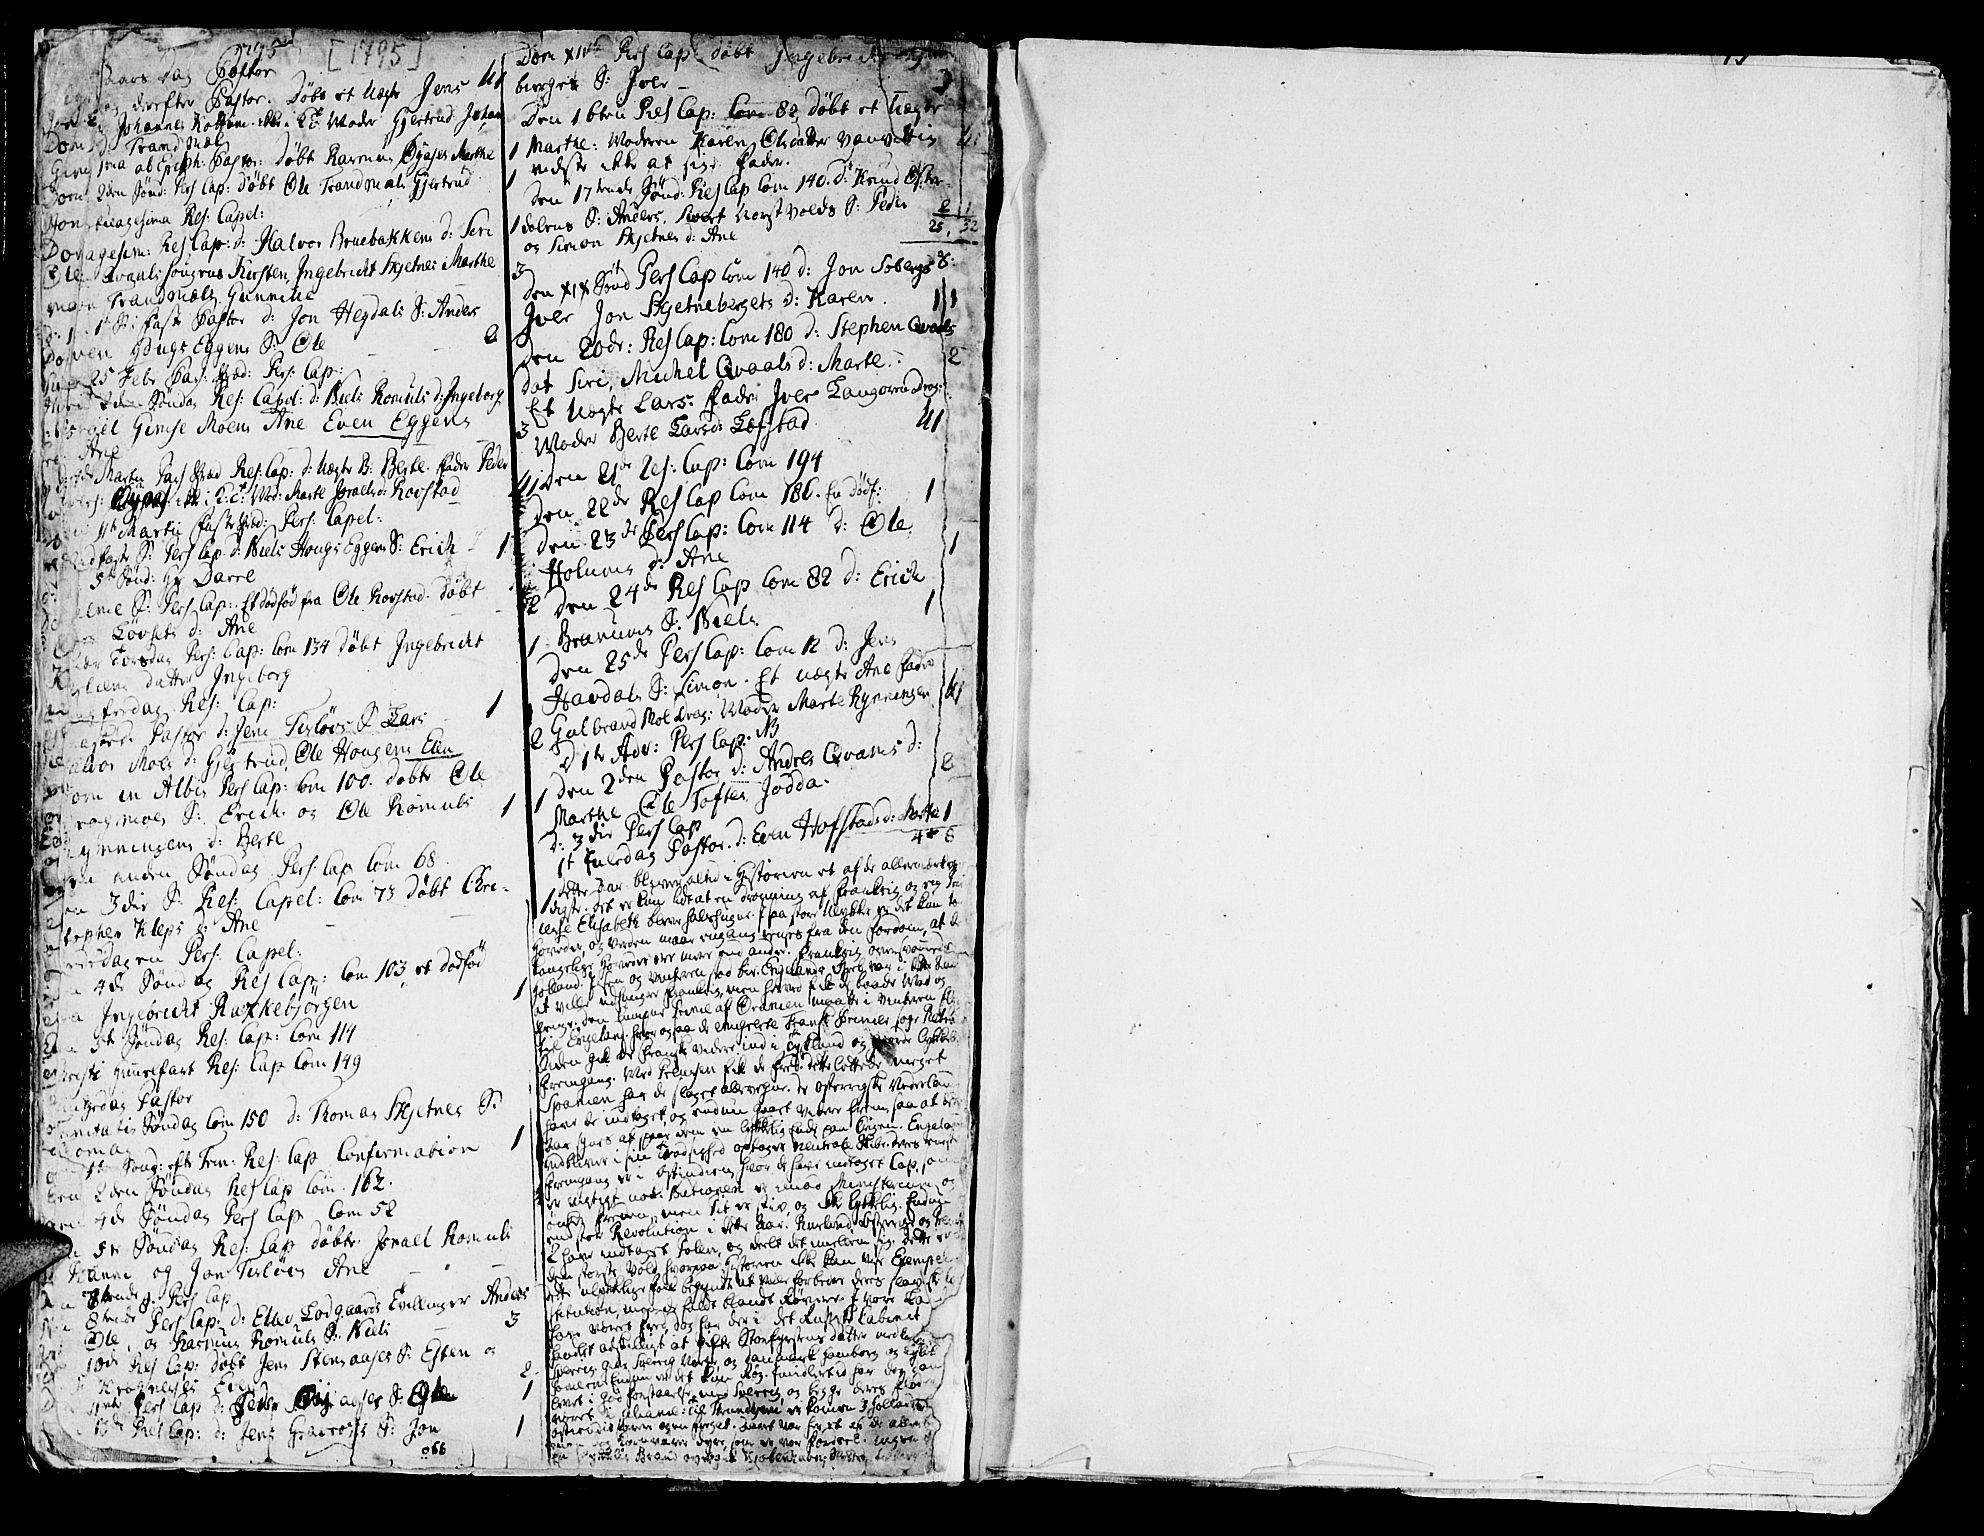 SAT, Ministerialprotokoller, klokkerbøker og fødselsregistre - Sør-Trøndelag, 691/L1061: Ministerialbok nr. 691A02 /1, 1768-1815, s. 16